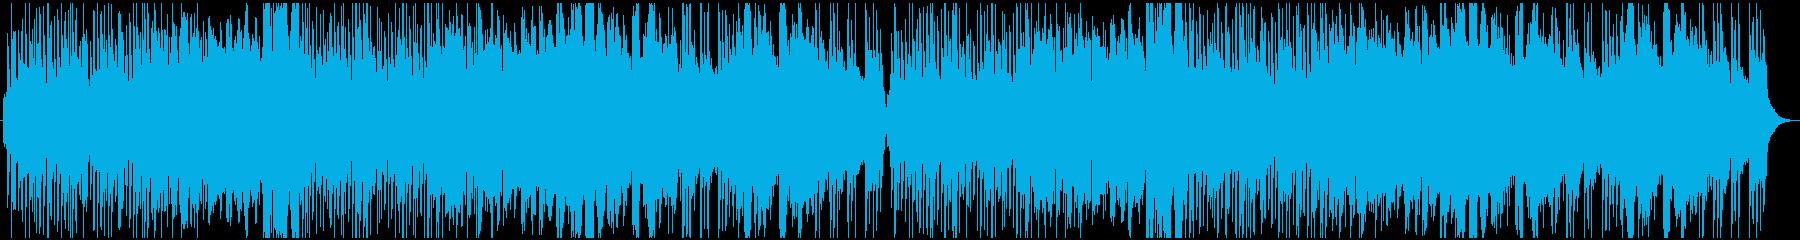 切ないゴシック&メルヘンの再生済みの波形